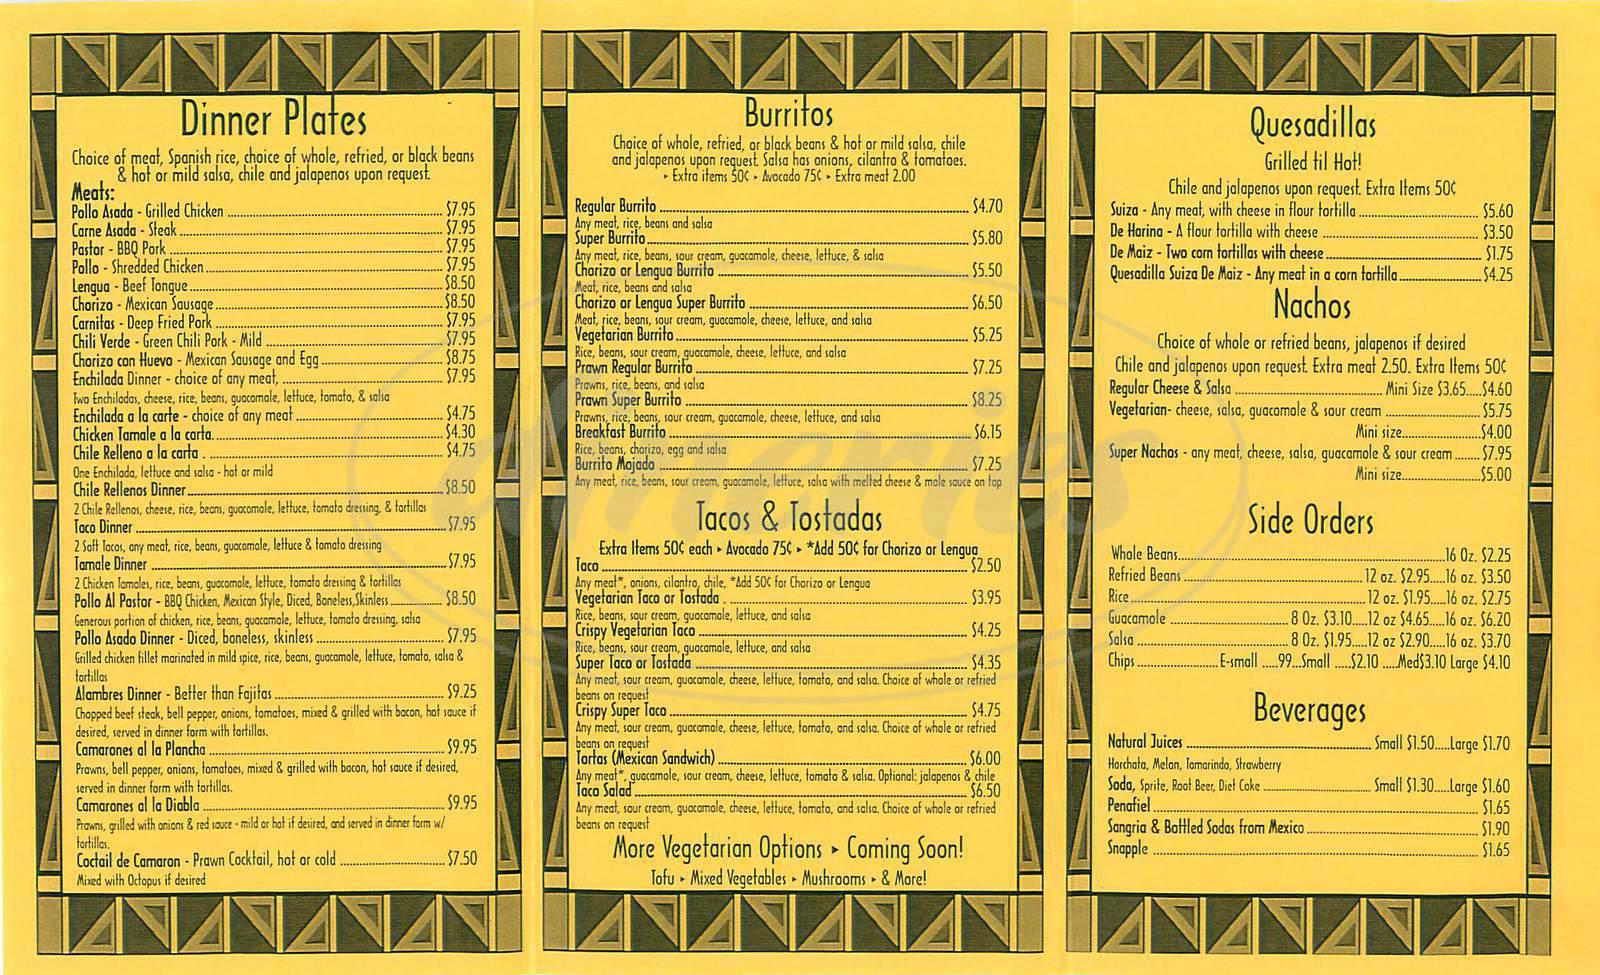 menu for Taqueria Maria